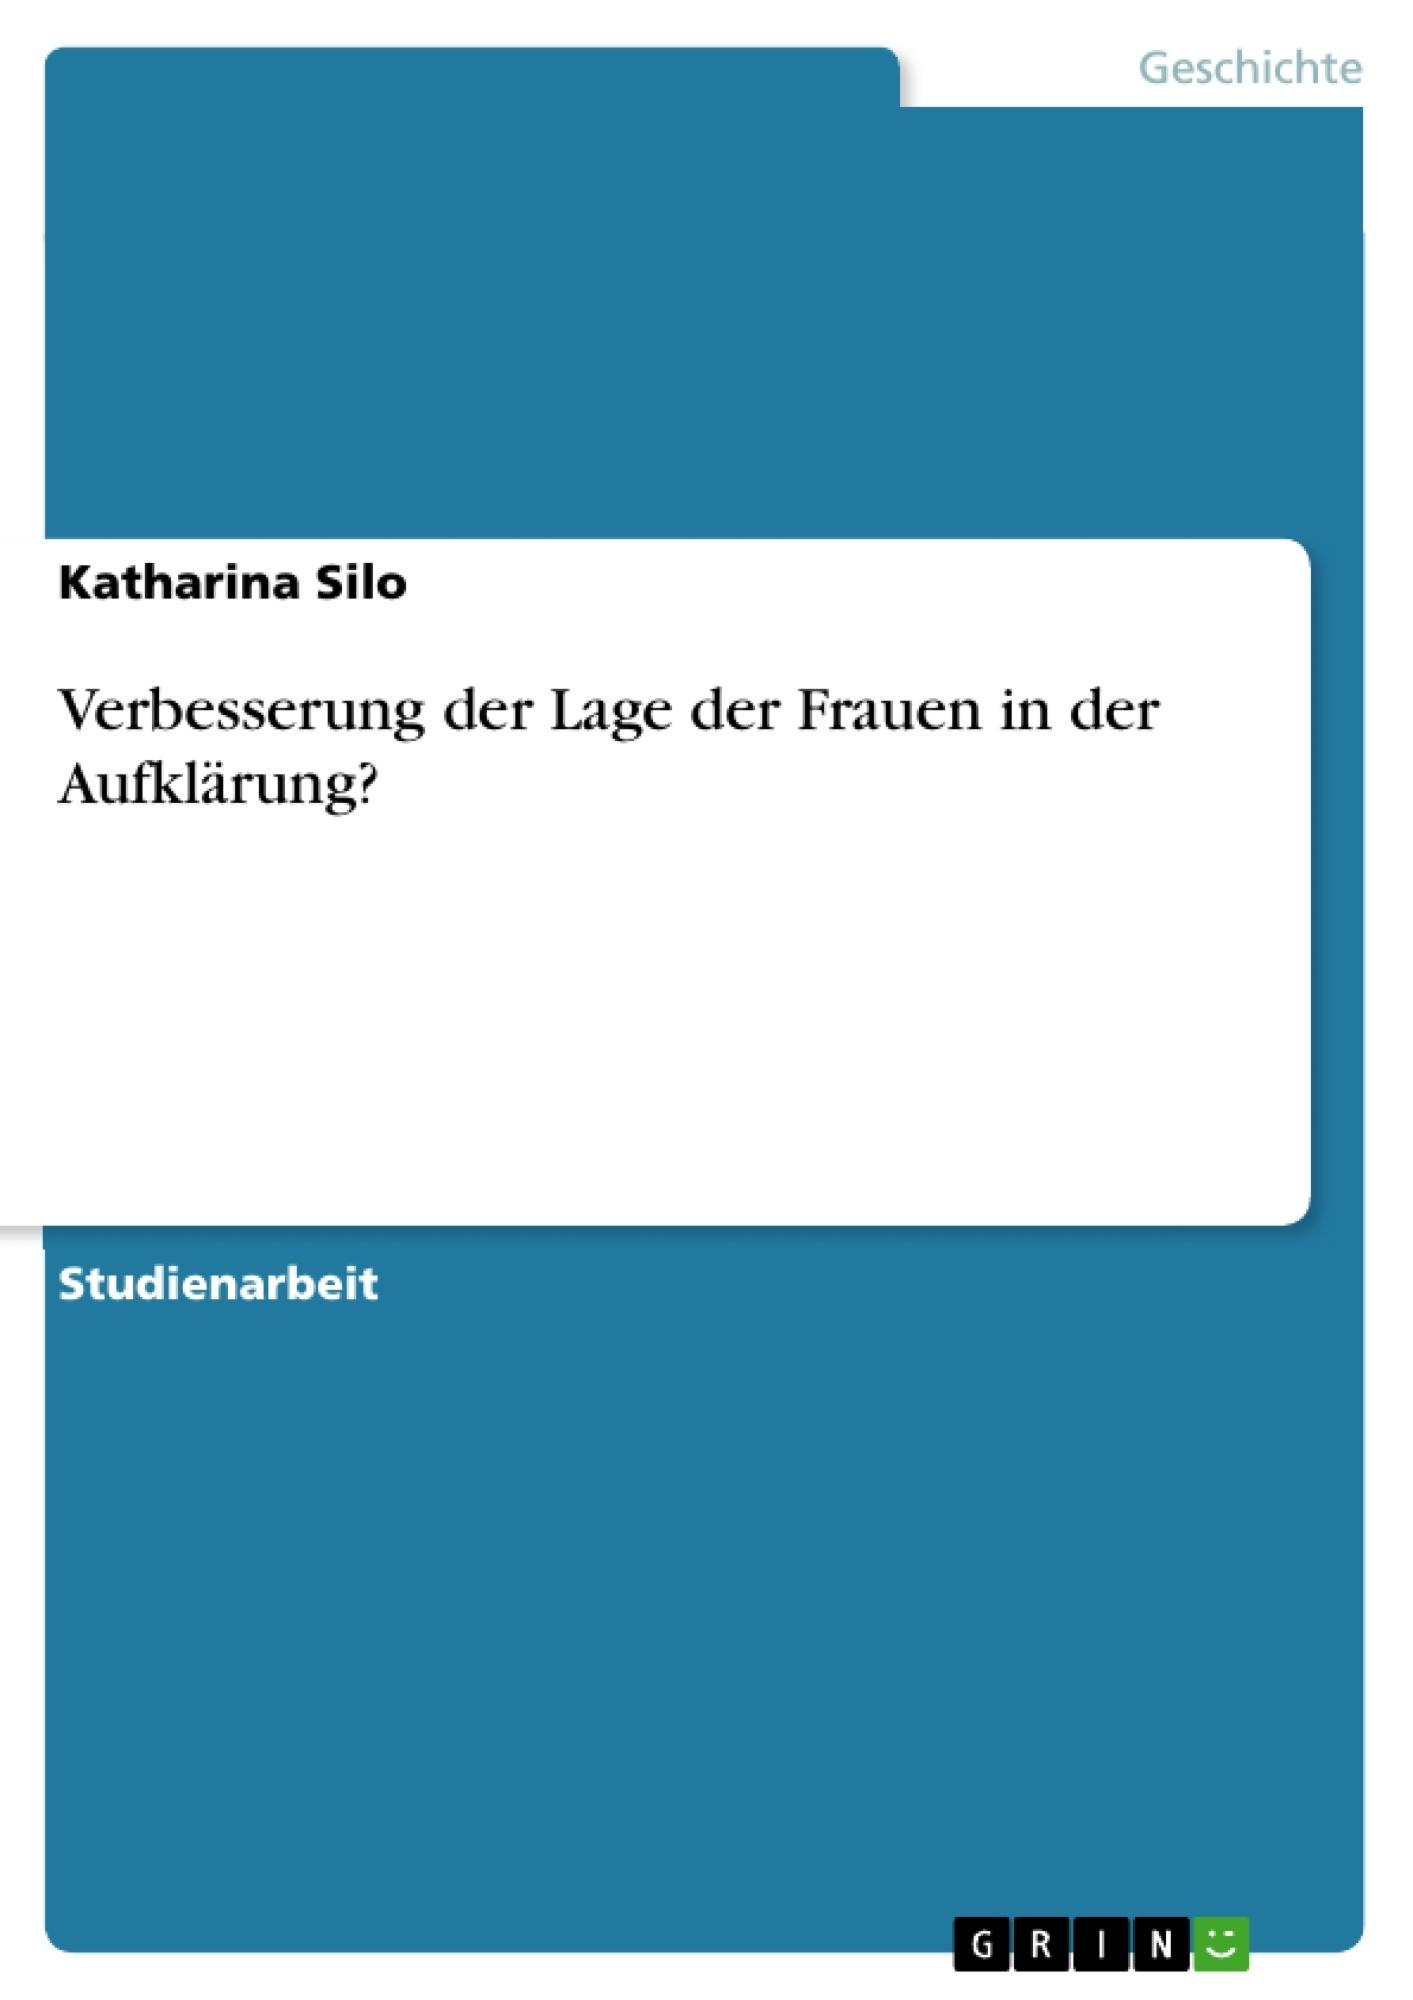 Titel: Verbesserung der Lage der Frauen in der Aufklärung?